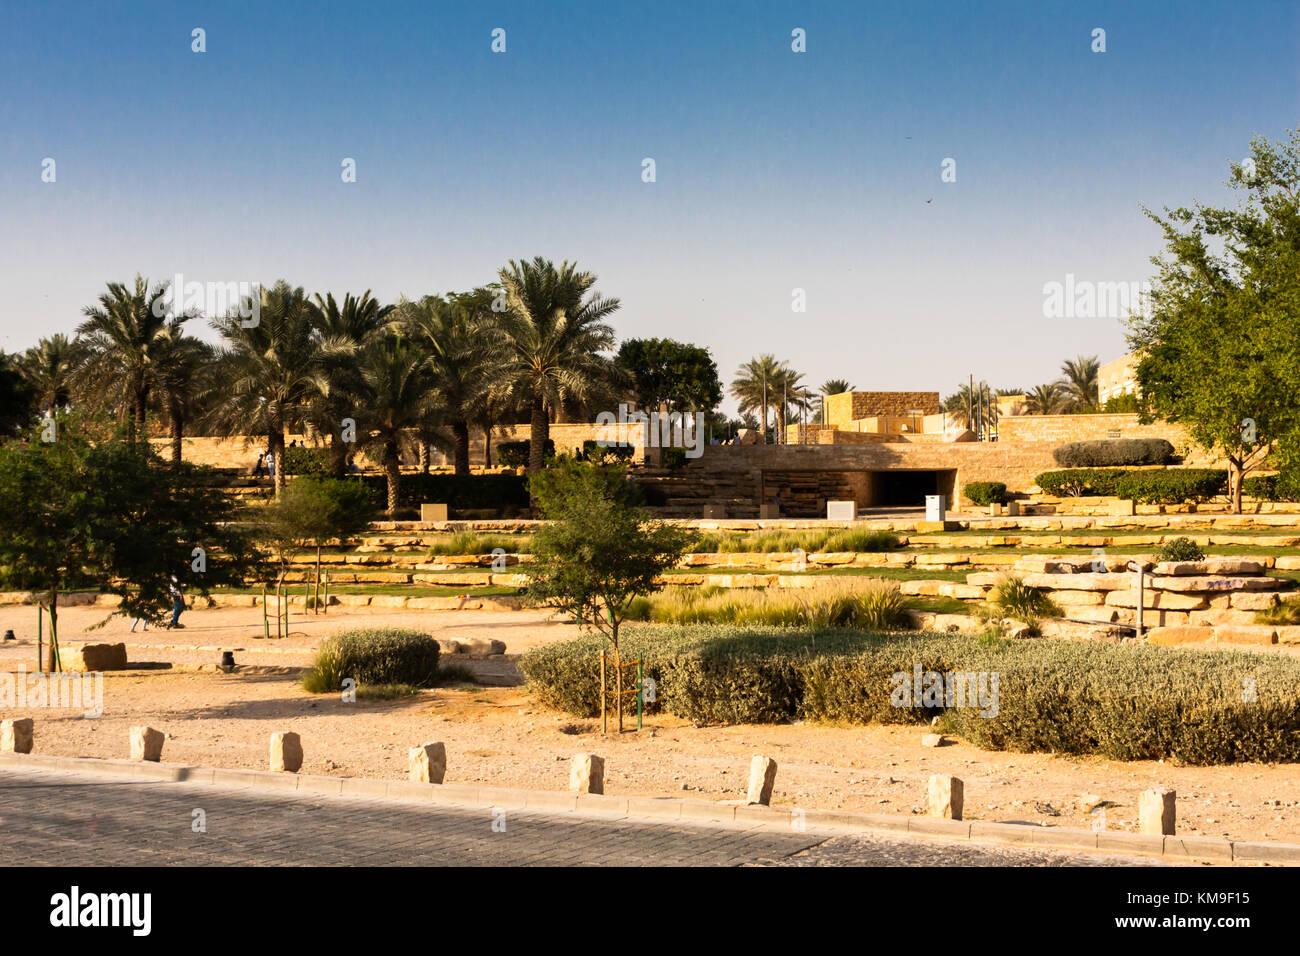 Diriyah Park, Riyadh, Saudi Arabia - Stock Image